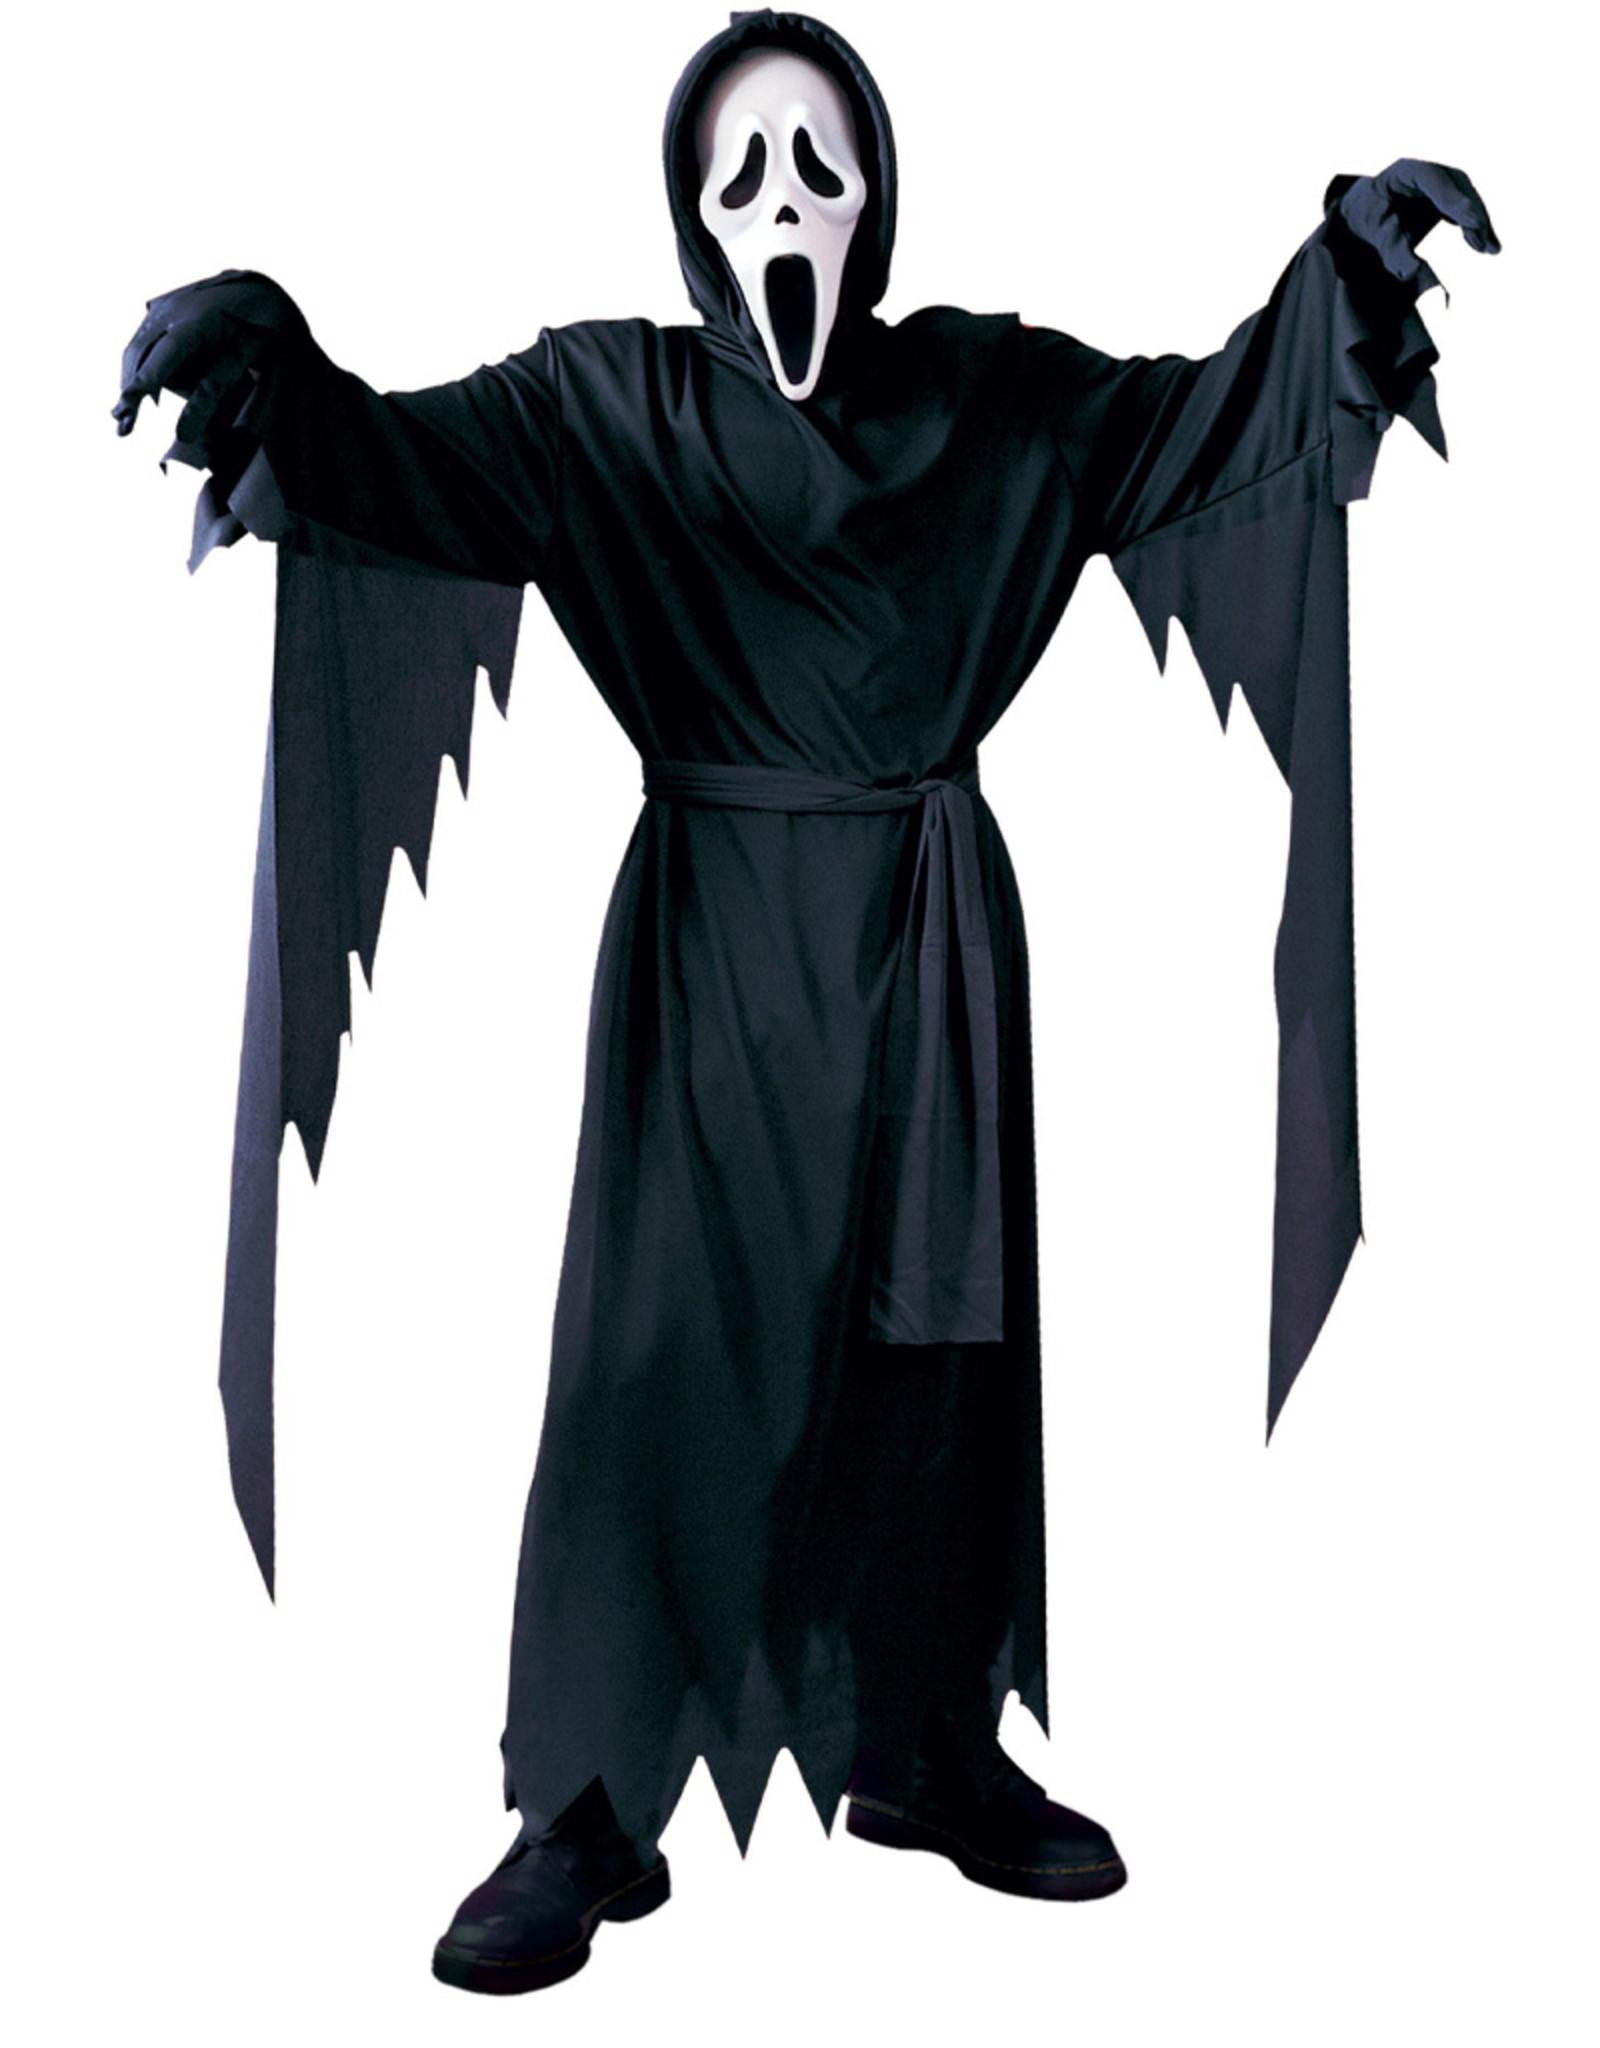 Scream Stalker Costume - Boys